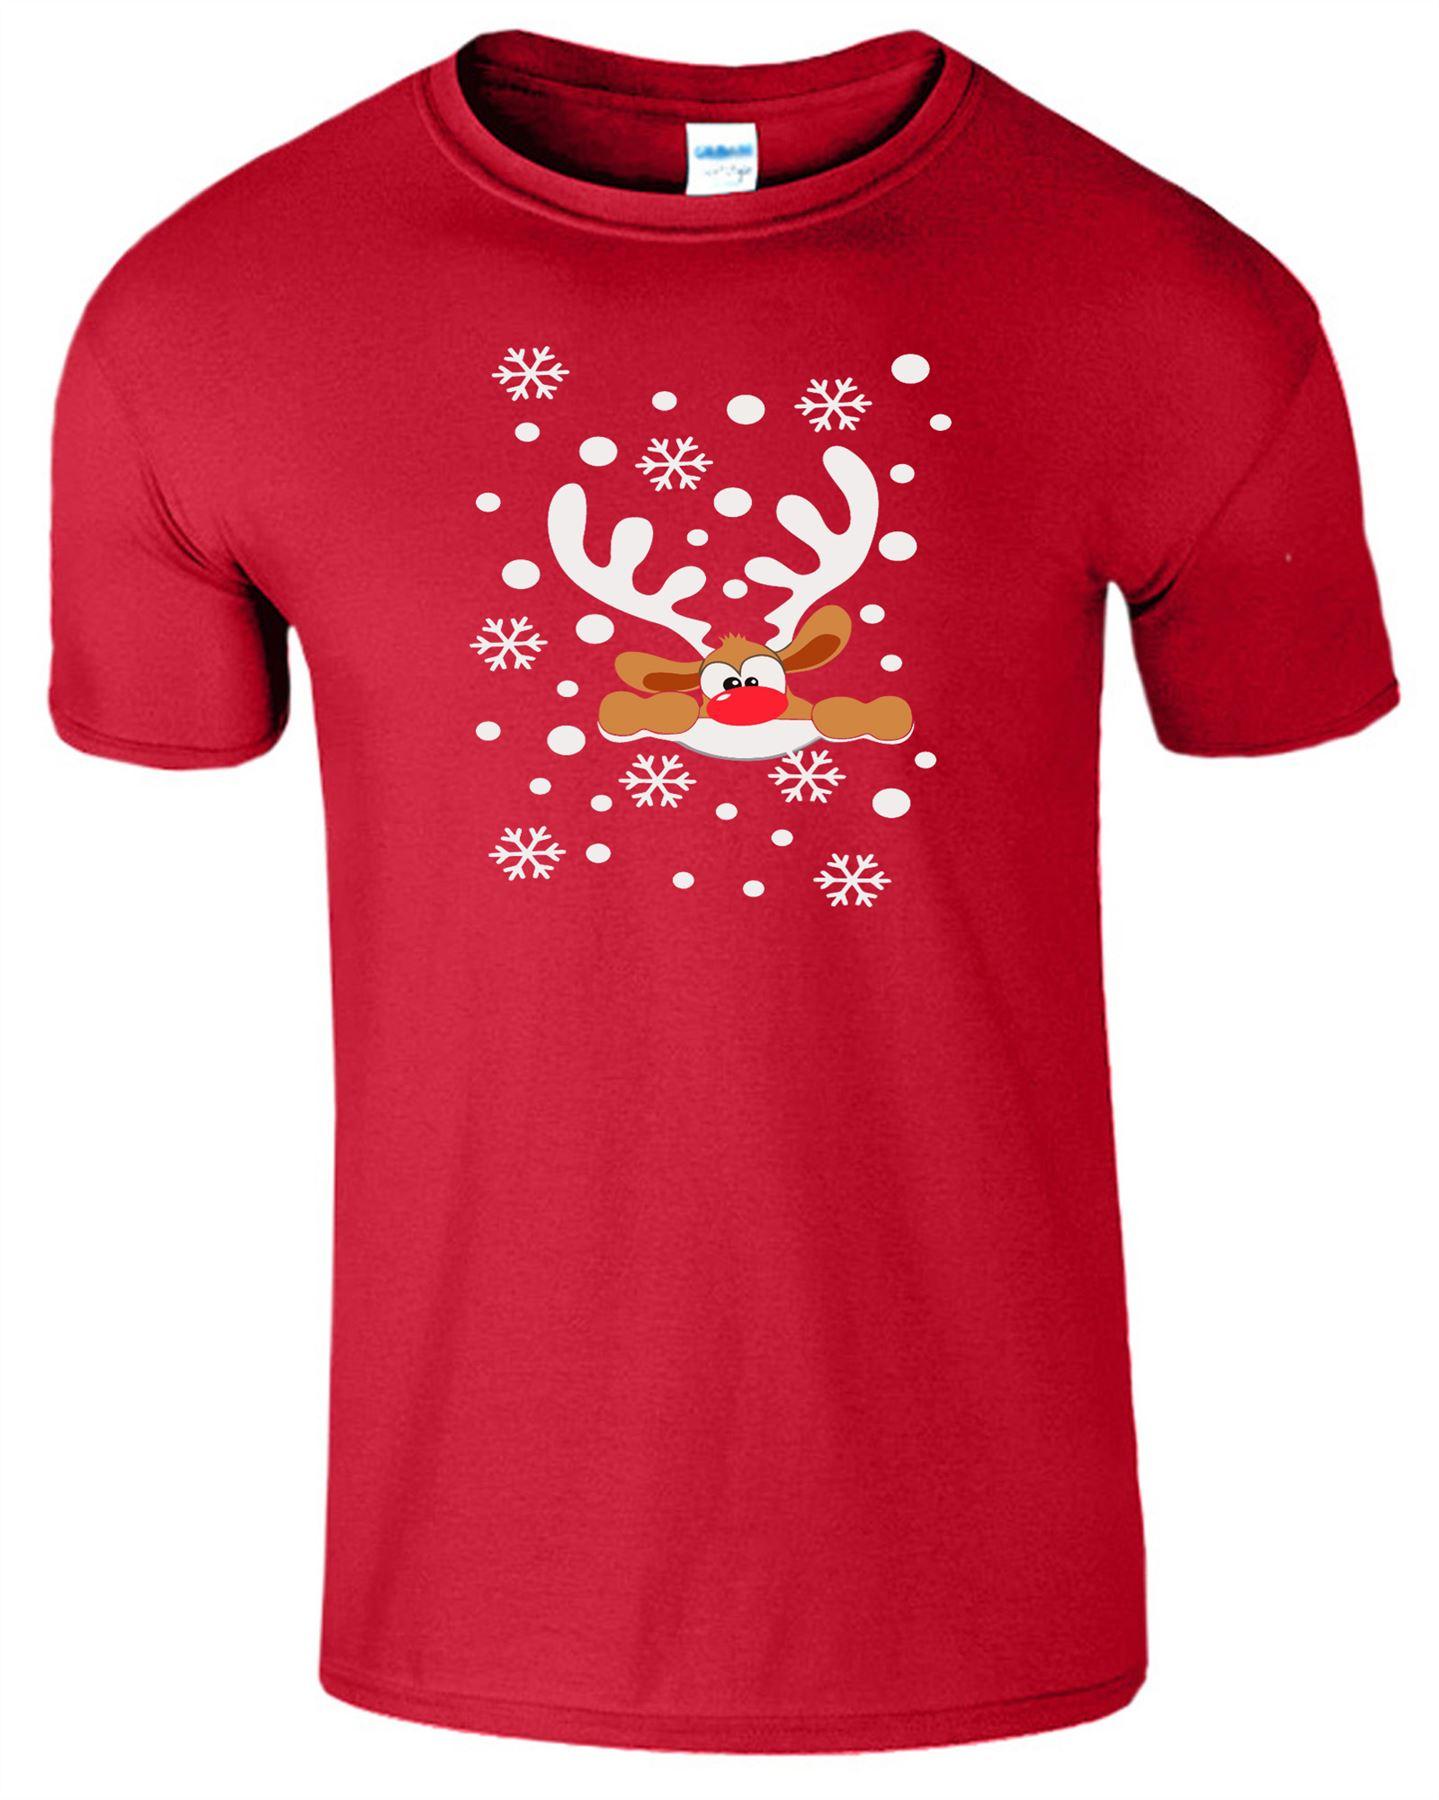 Renne Homme Kids T-Shirt Noël Noël Nouveauté Neige Garçons Filles Top T Shirt